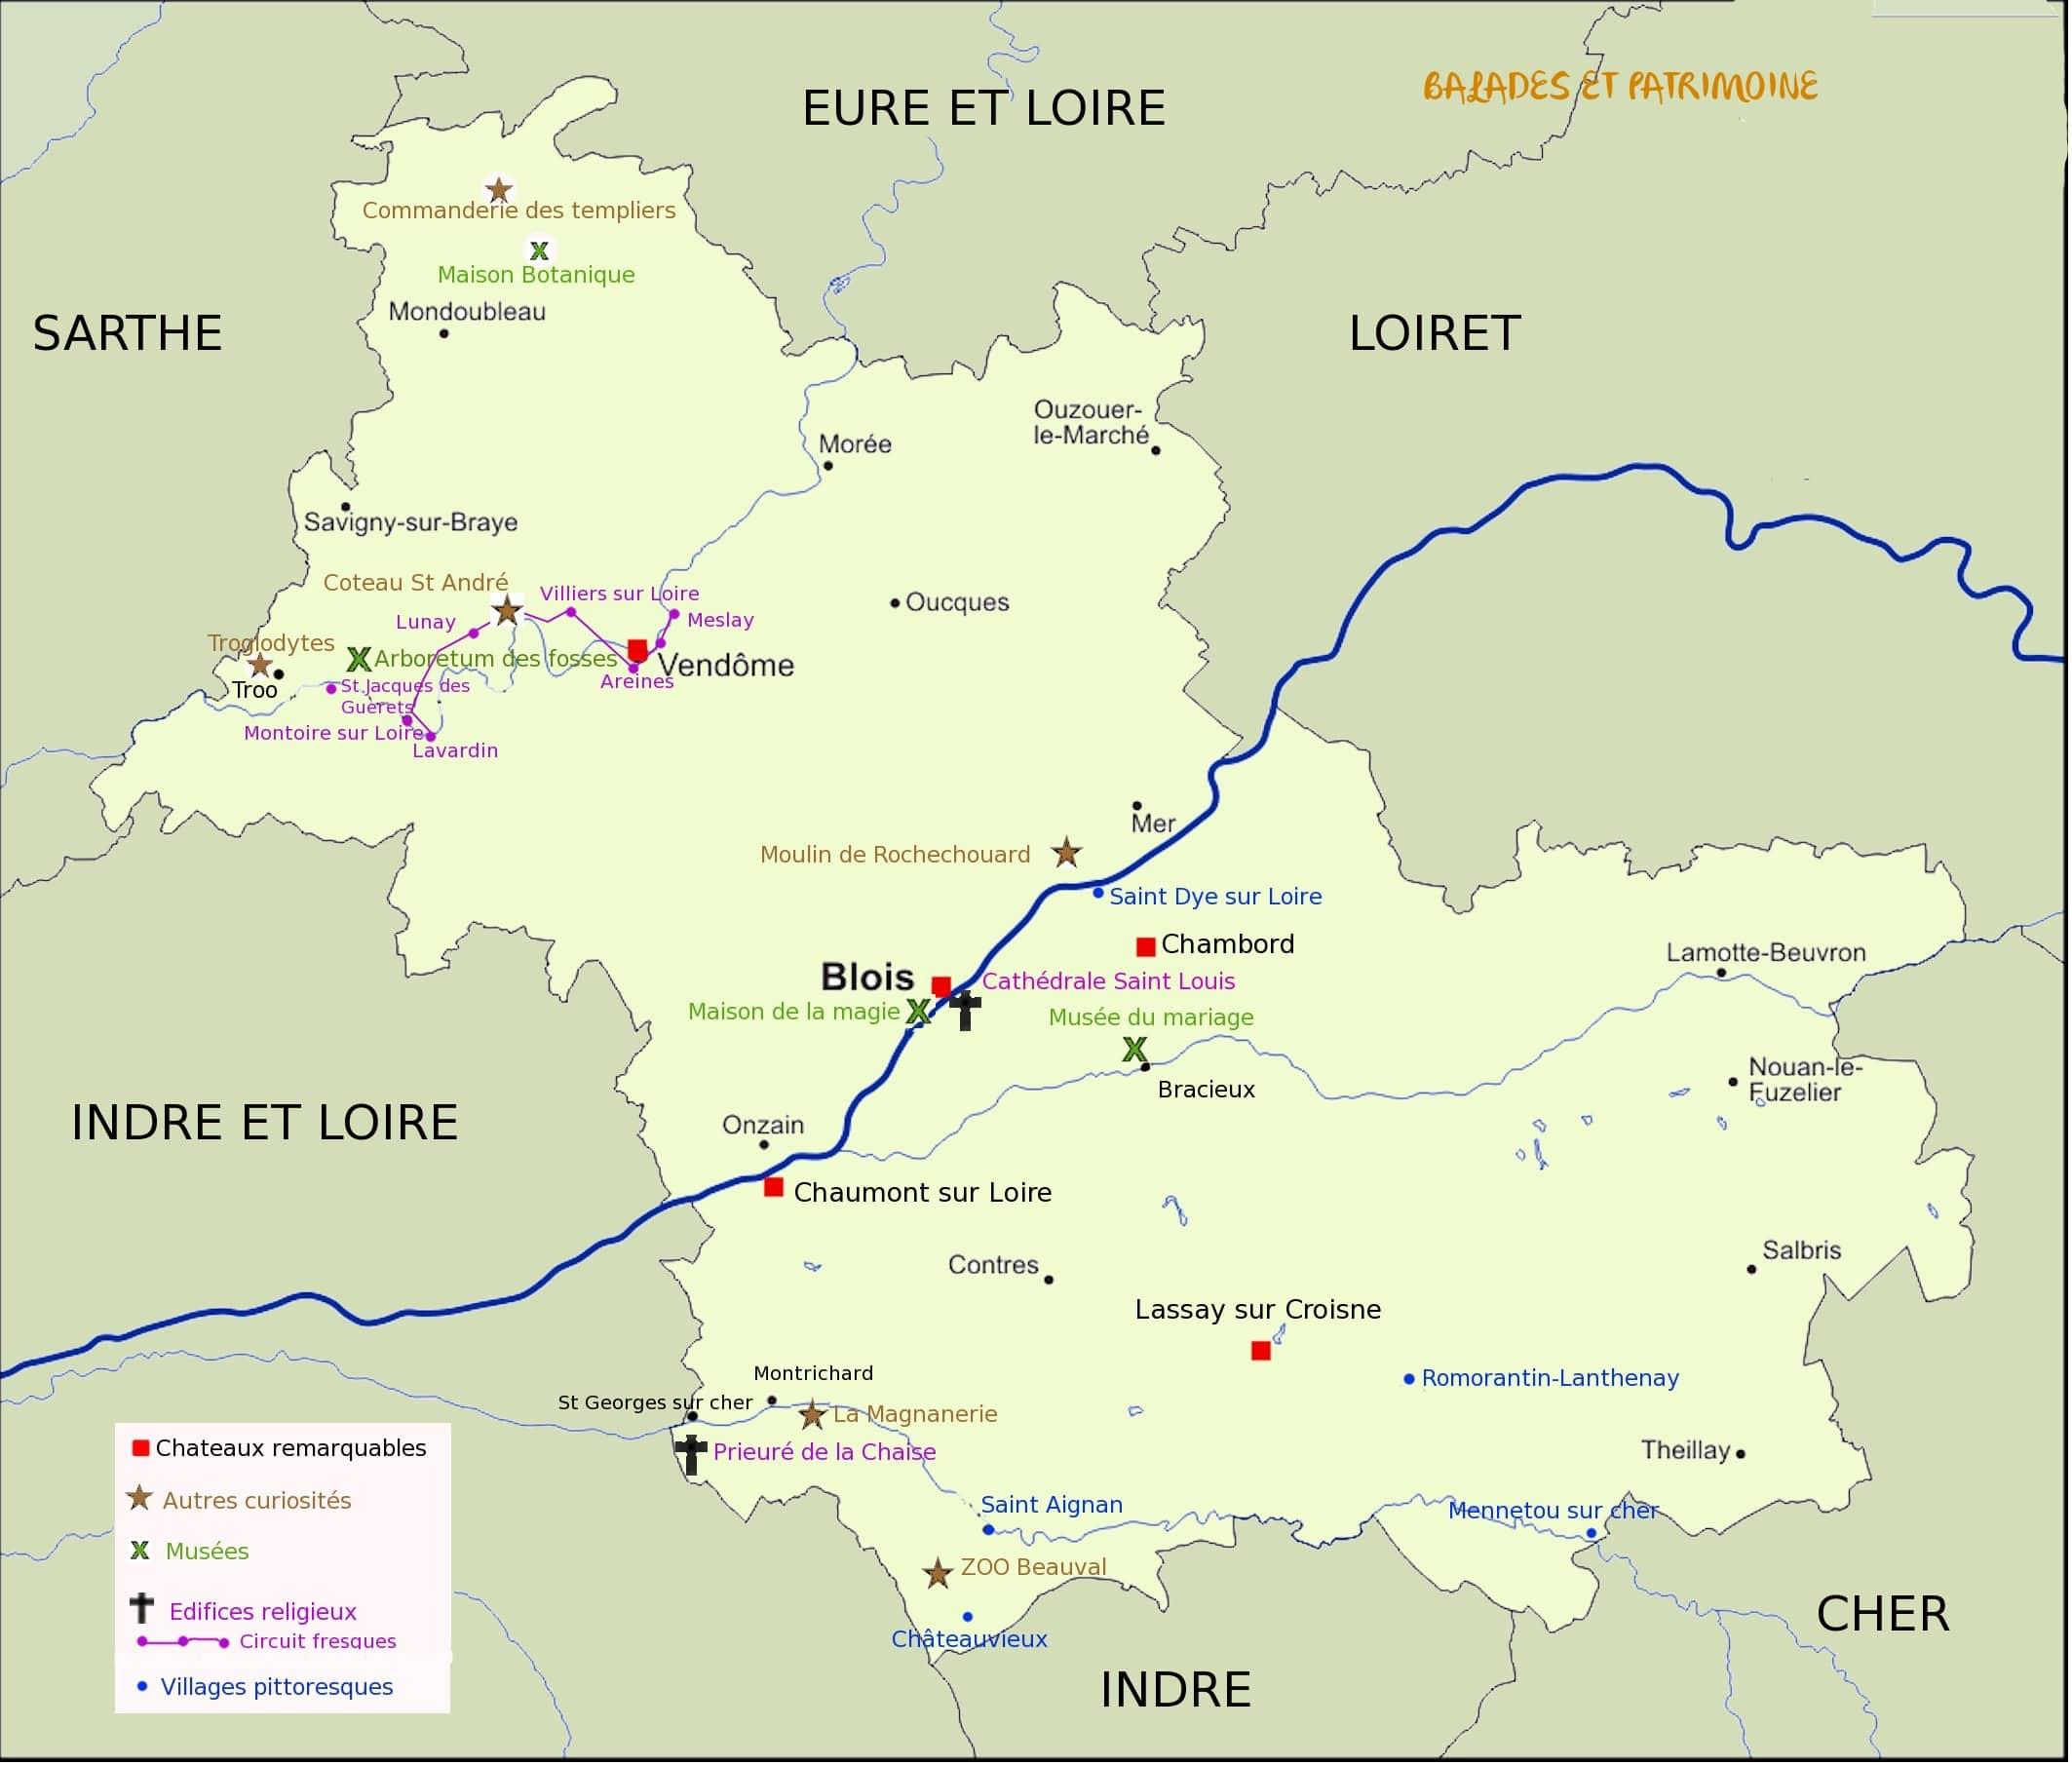 Tourisme Blois-balades et patrimoine